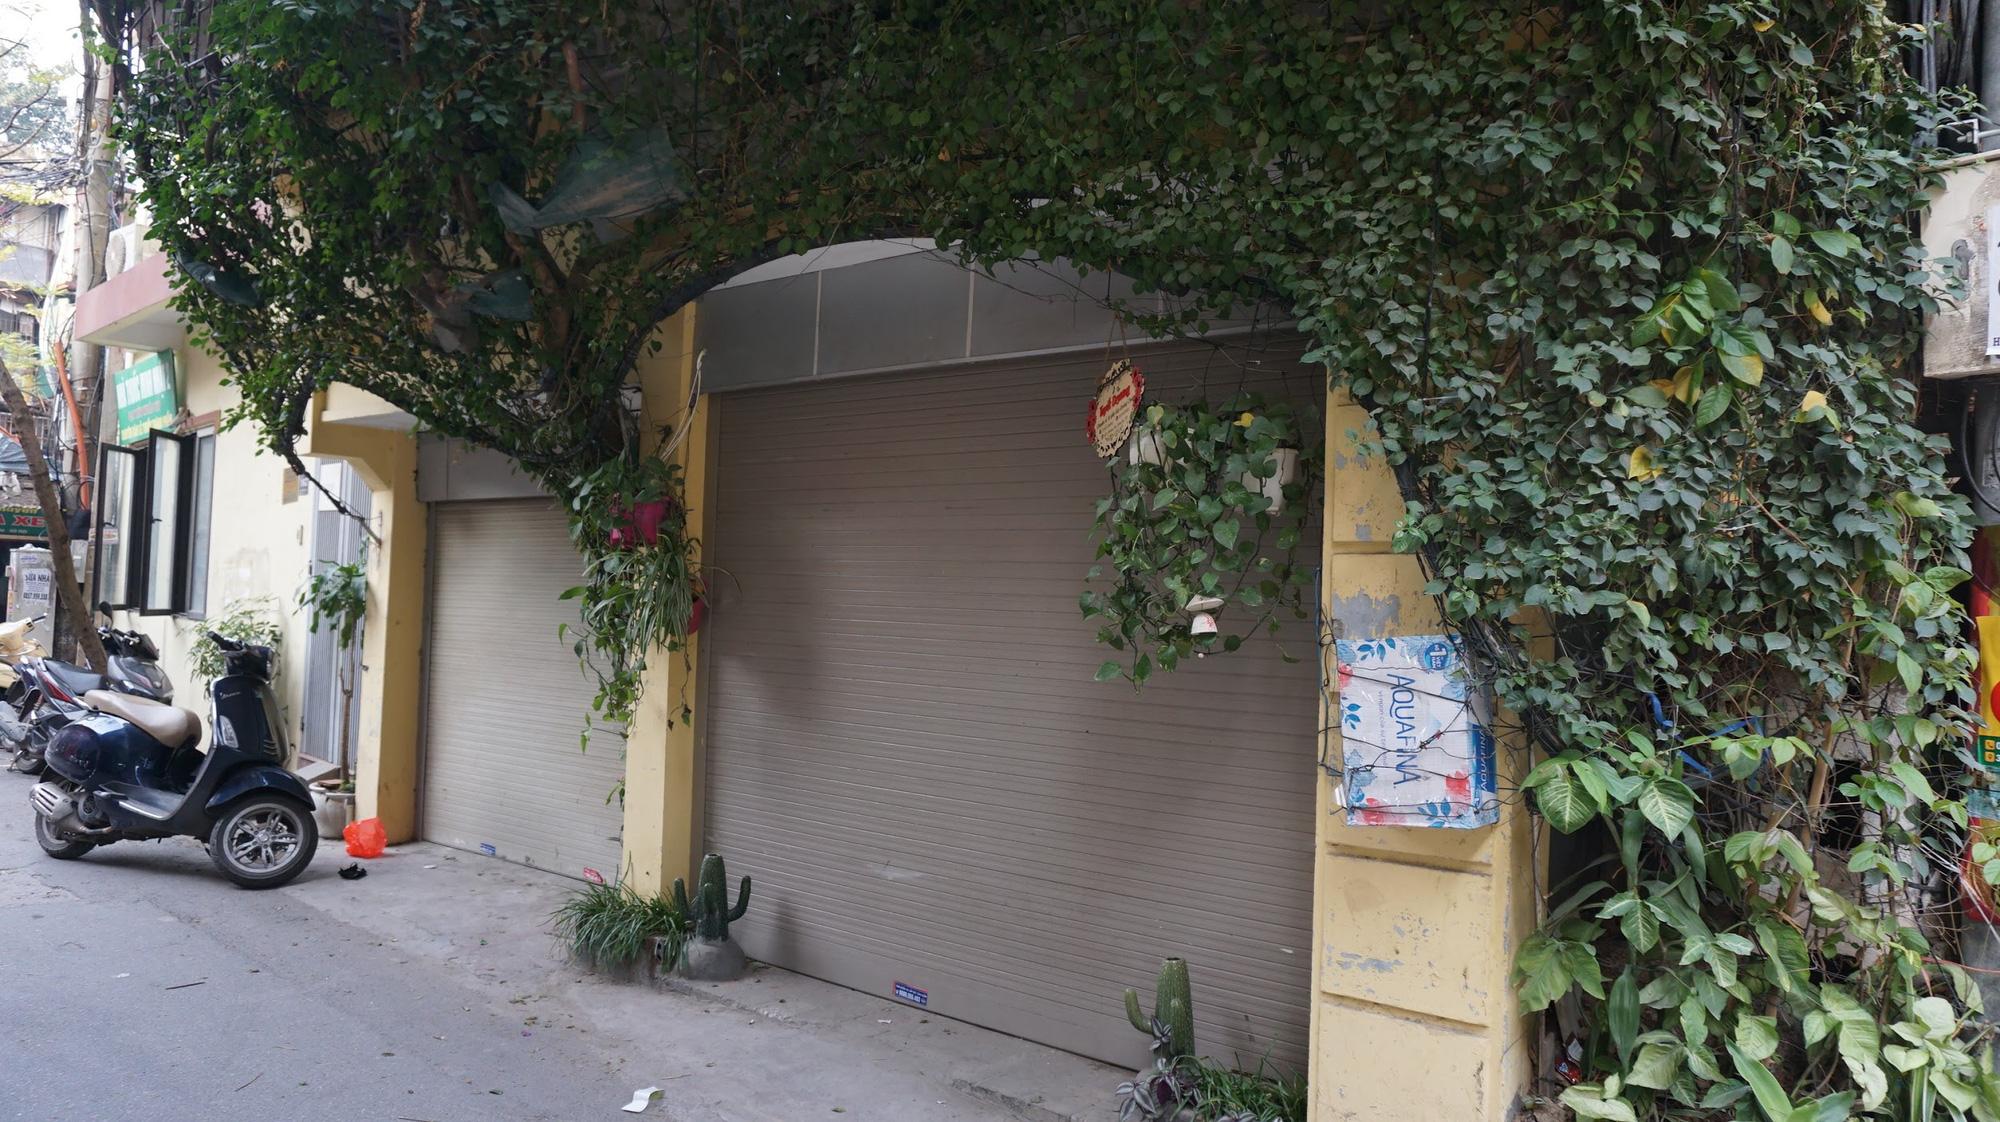 Nhà cây 5 tầng phủ kín hoa giấy ở Hà Nội, ai đi qua cũng dừng lại ngắm - Ảnh 5.